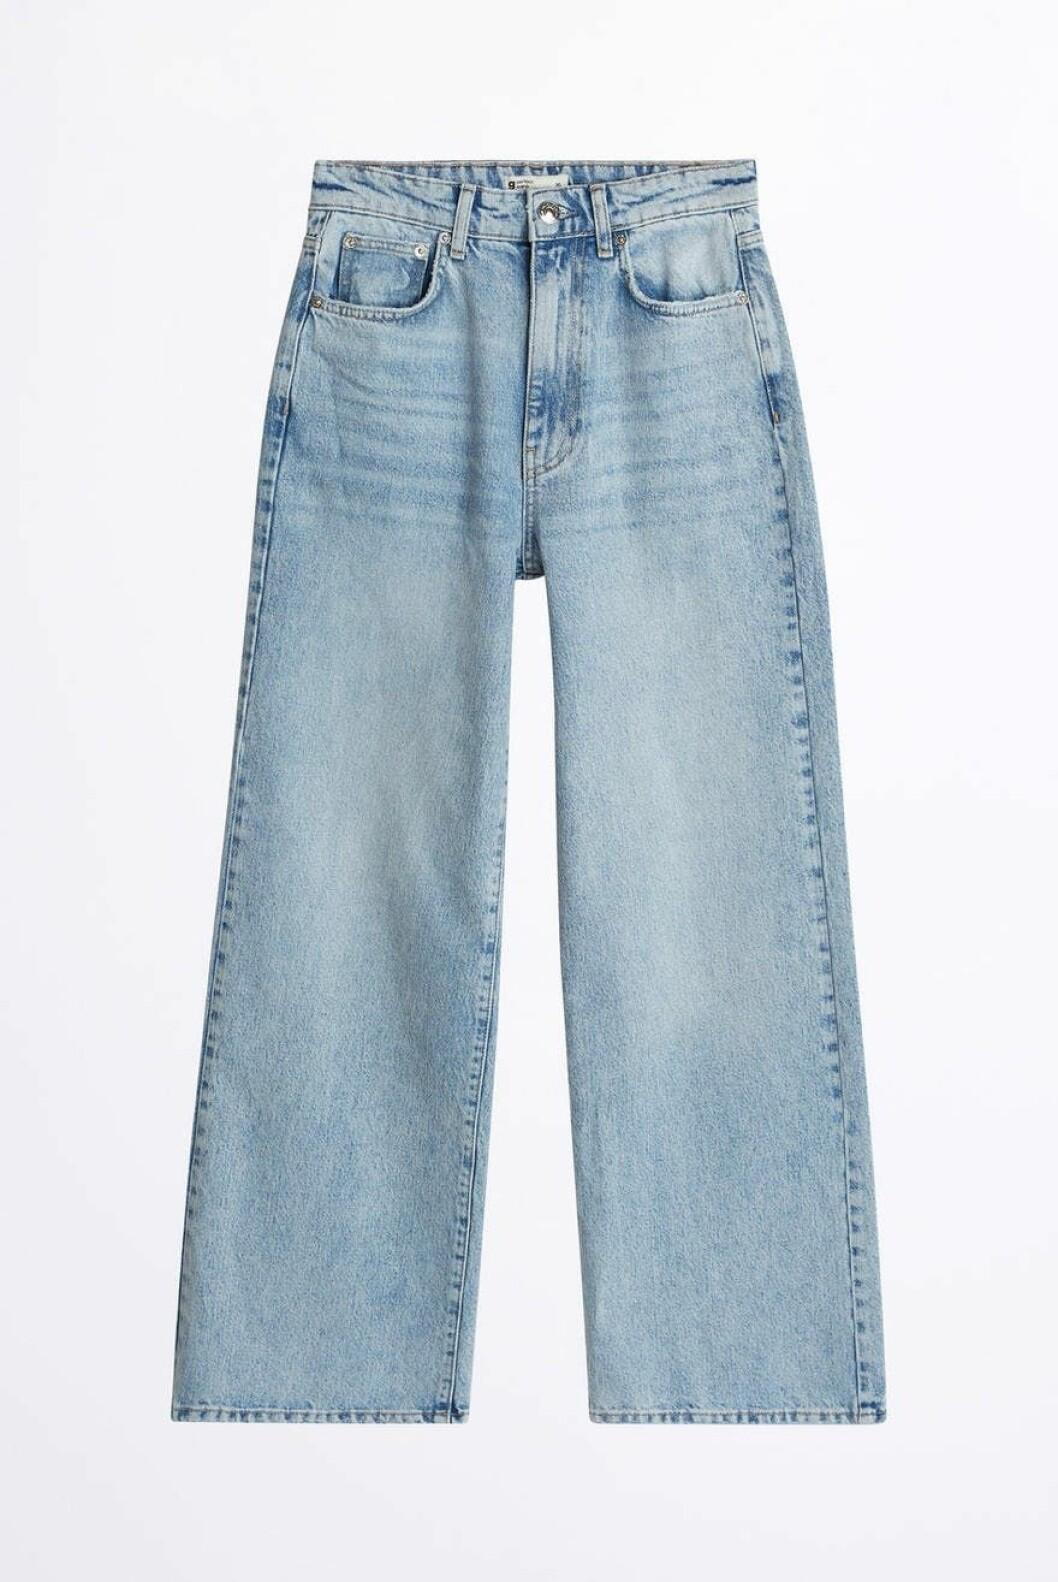 Vida jeans från gina tricot.